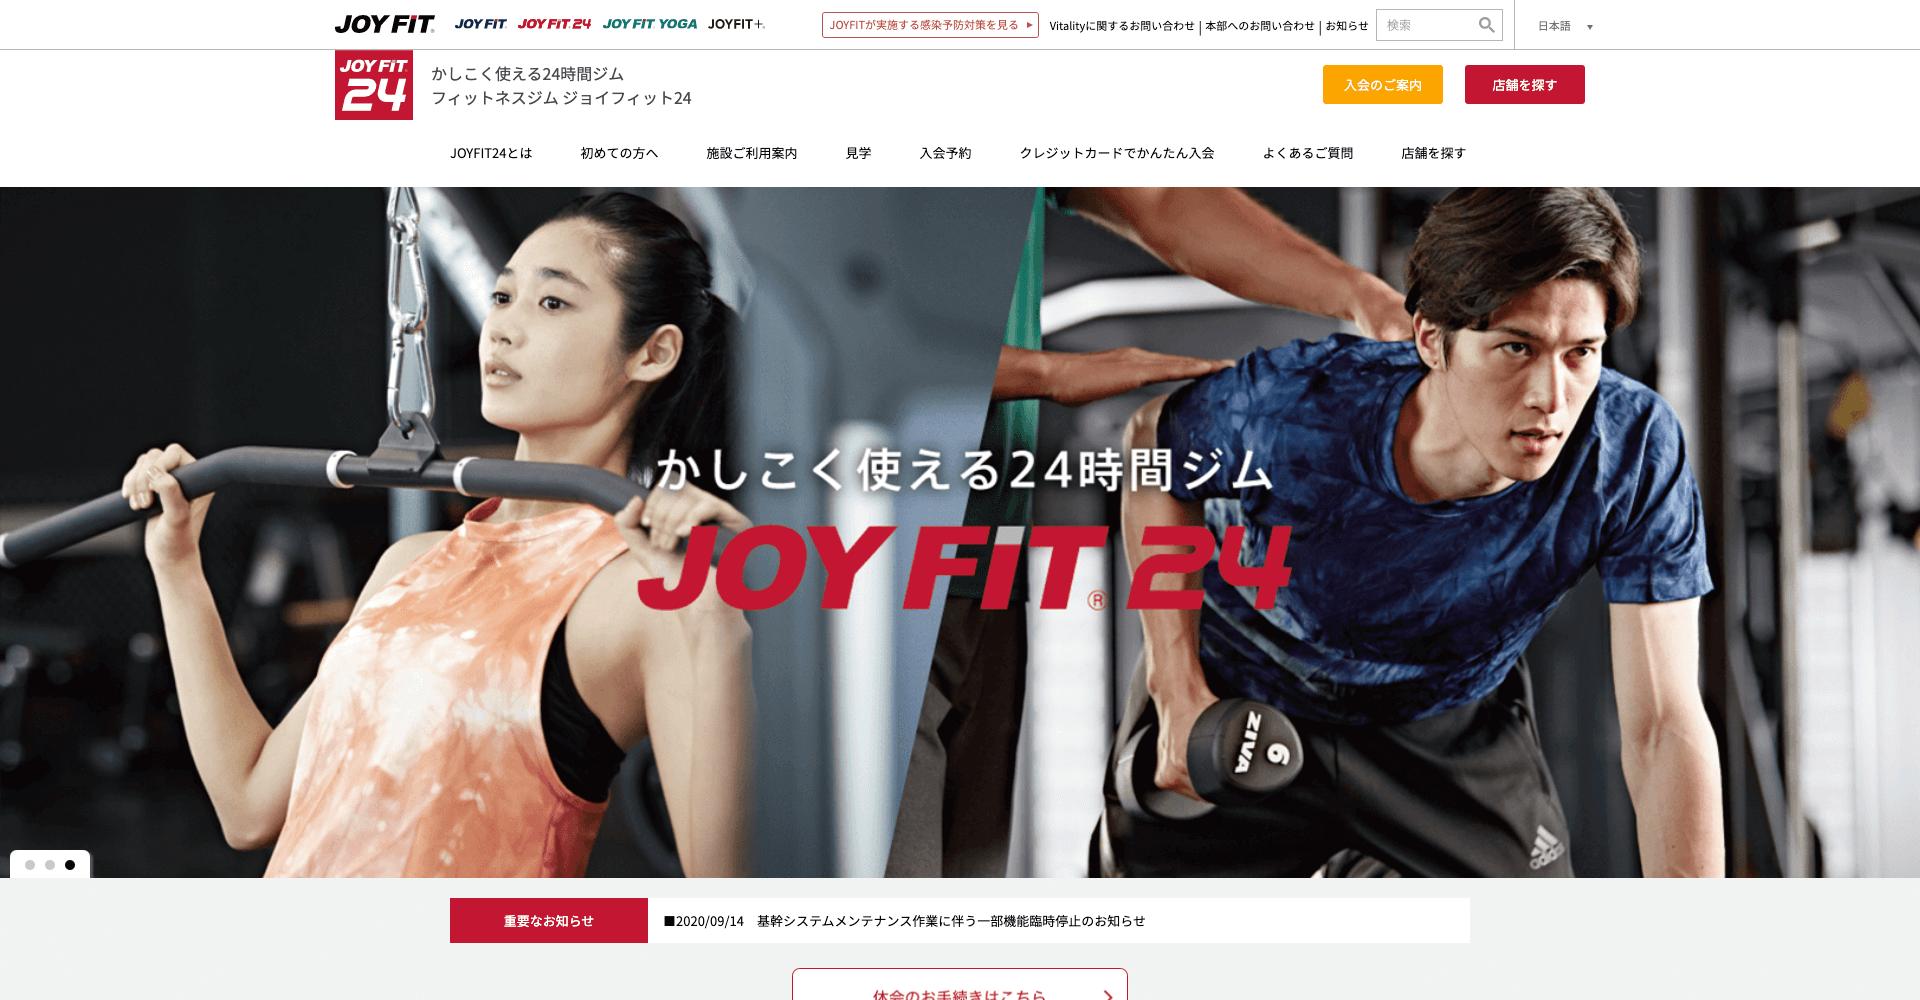 スポーツクラブJOYFIT松本庄内